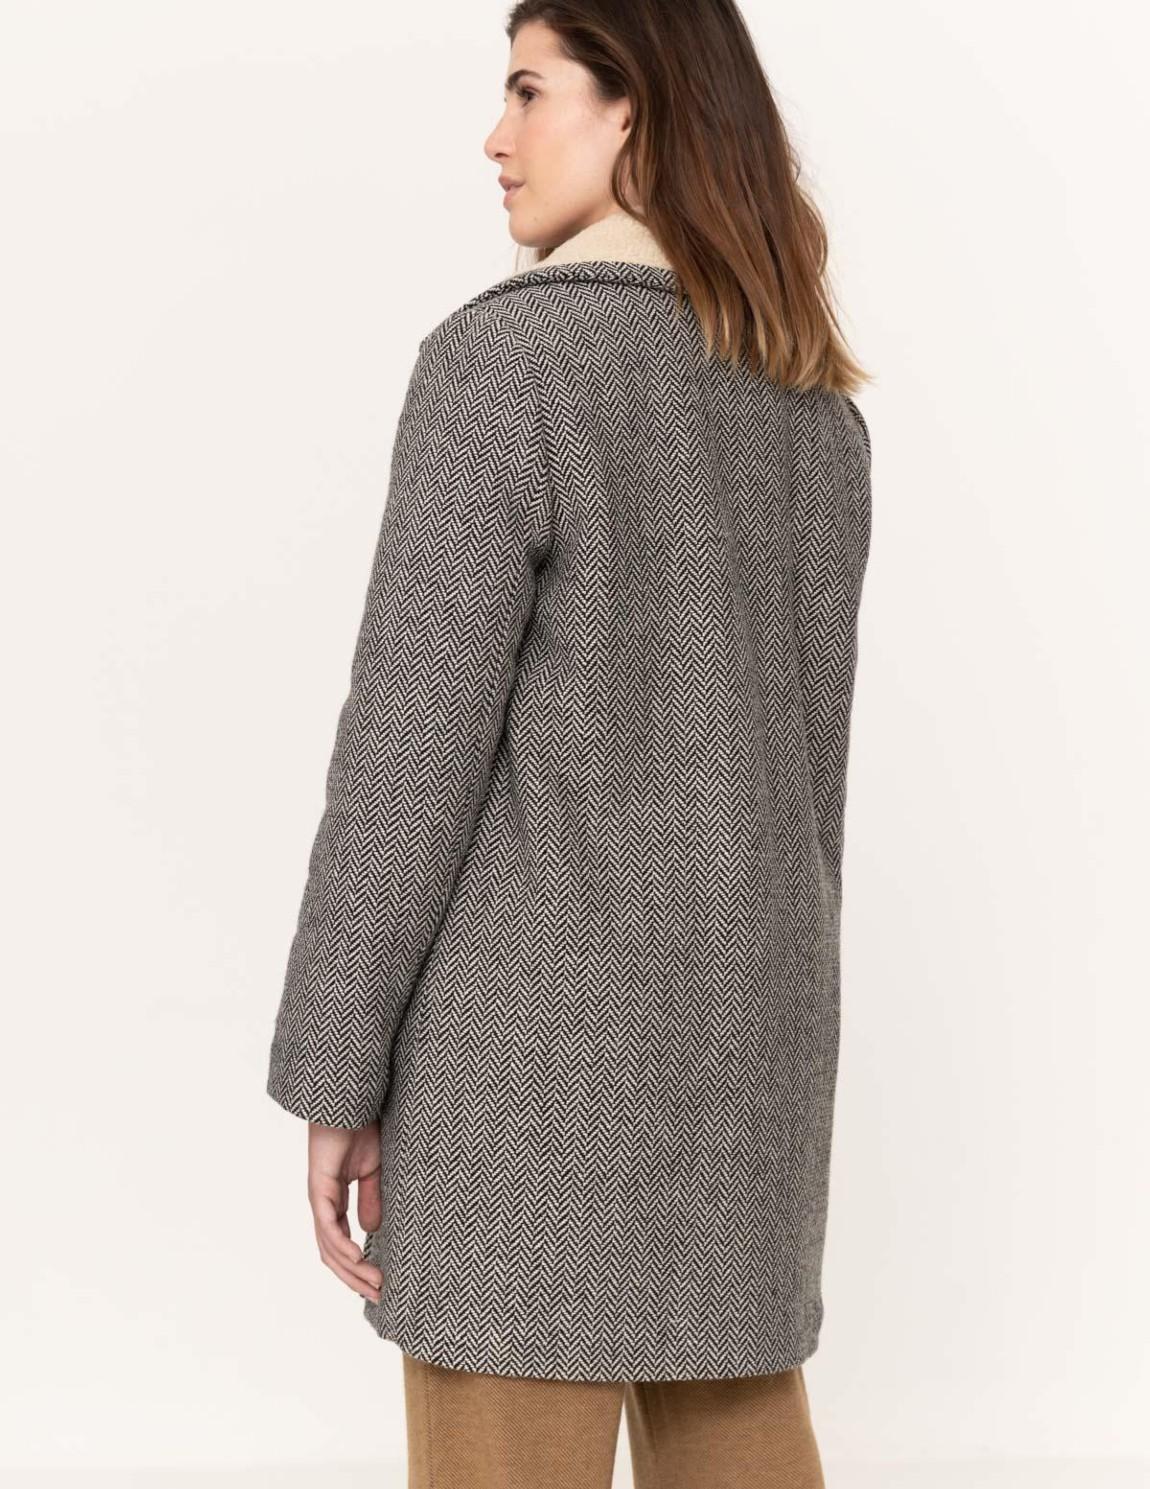 Abrigo cuello de borrego - Ítem1